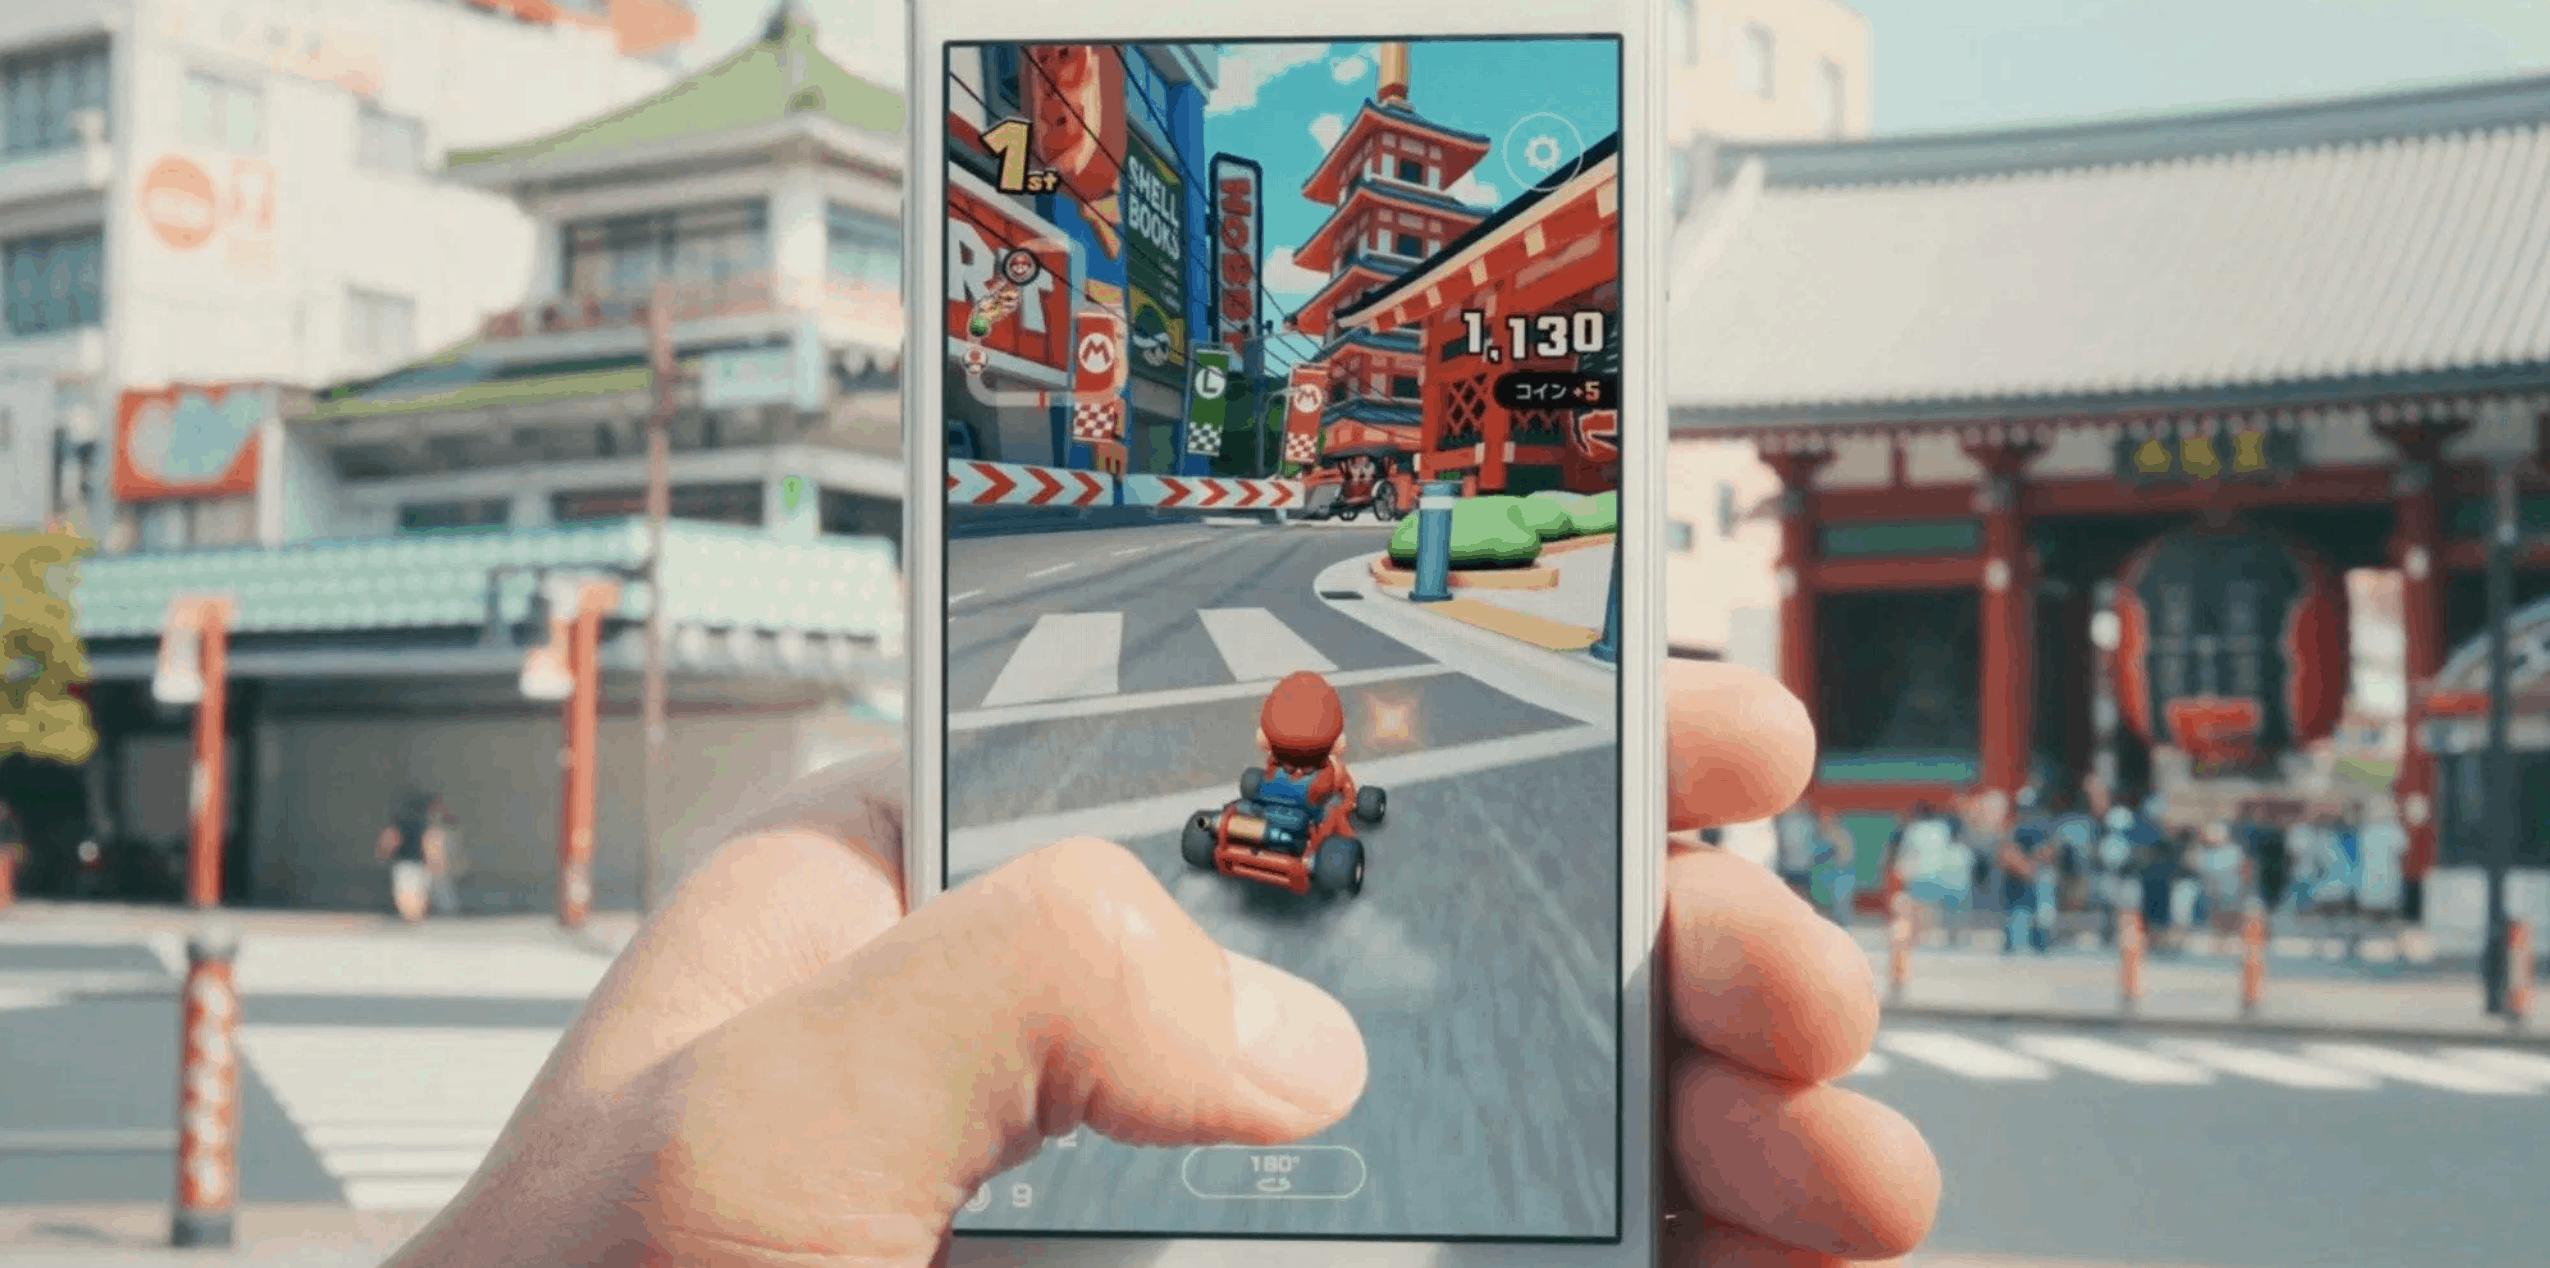 Mario Kart Tour Multiplayer To Begin Testing Next Month